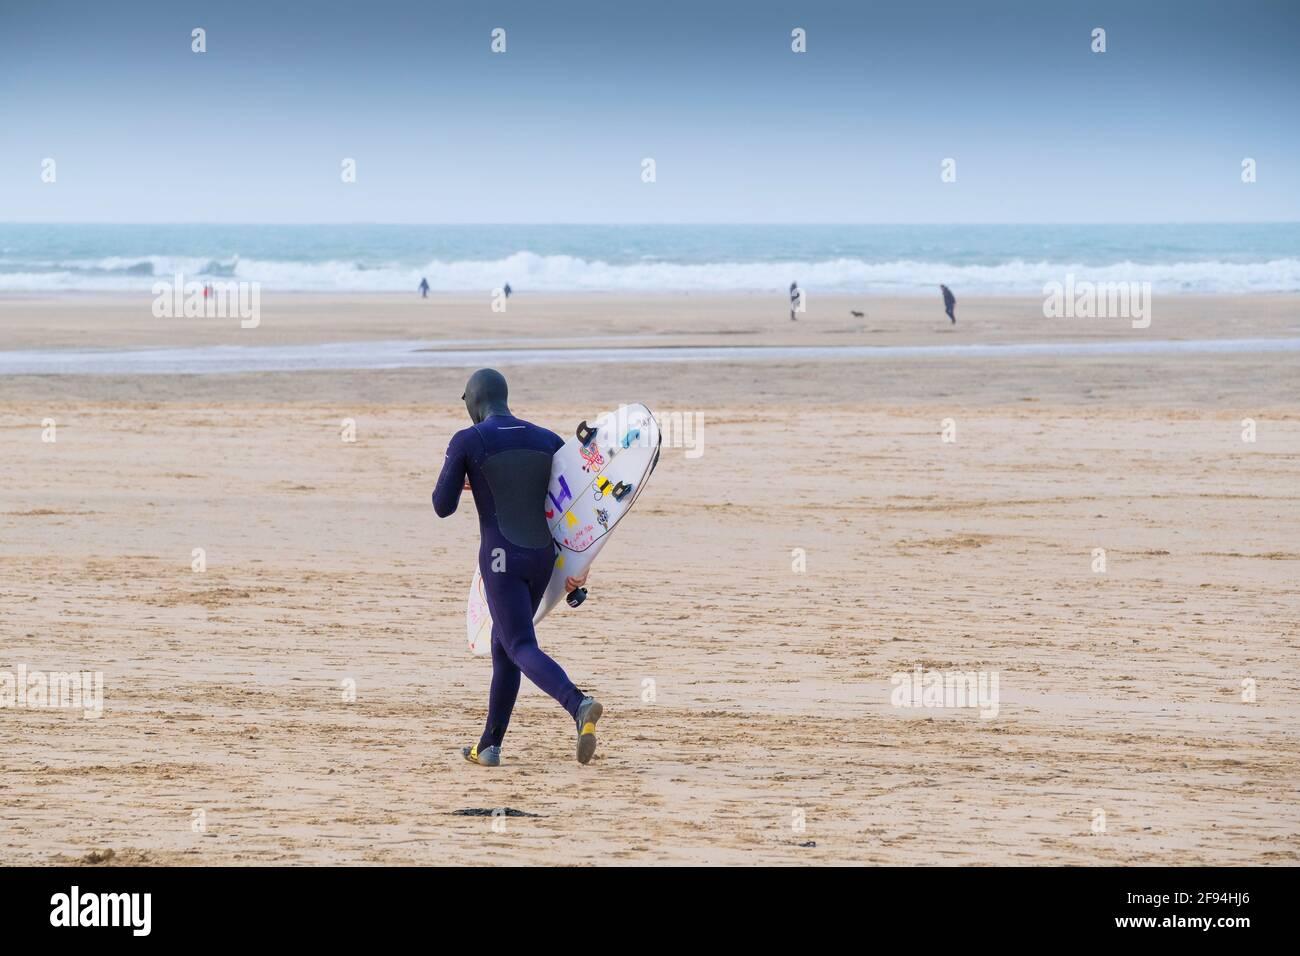 Ein Surfer mit seinem Surfbrett und läuft über Crantock Beach in Newquay in Cornwall. Stockfoto